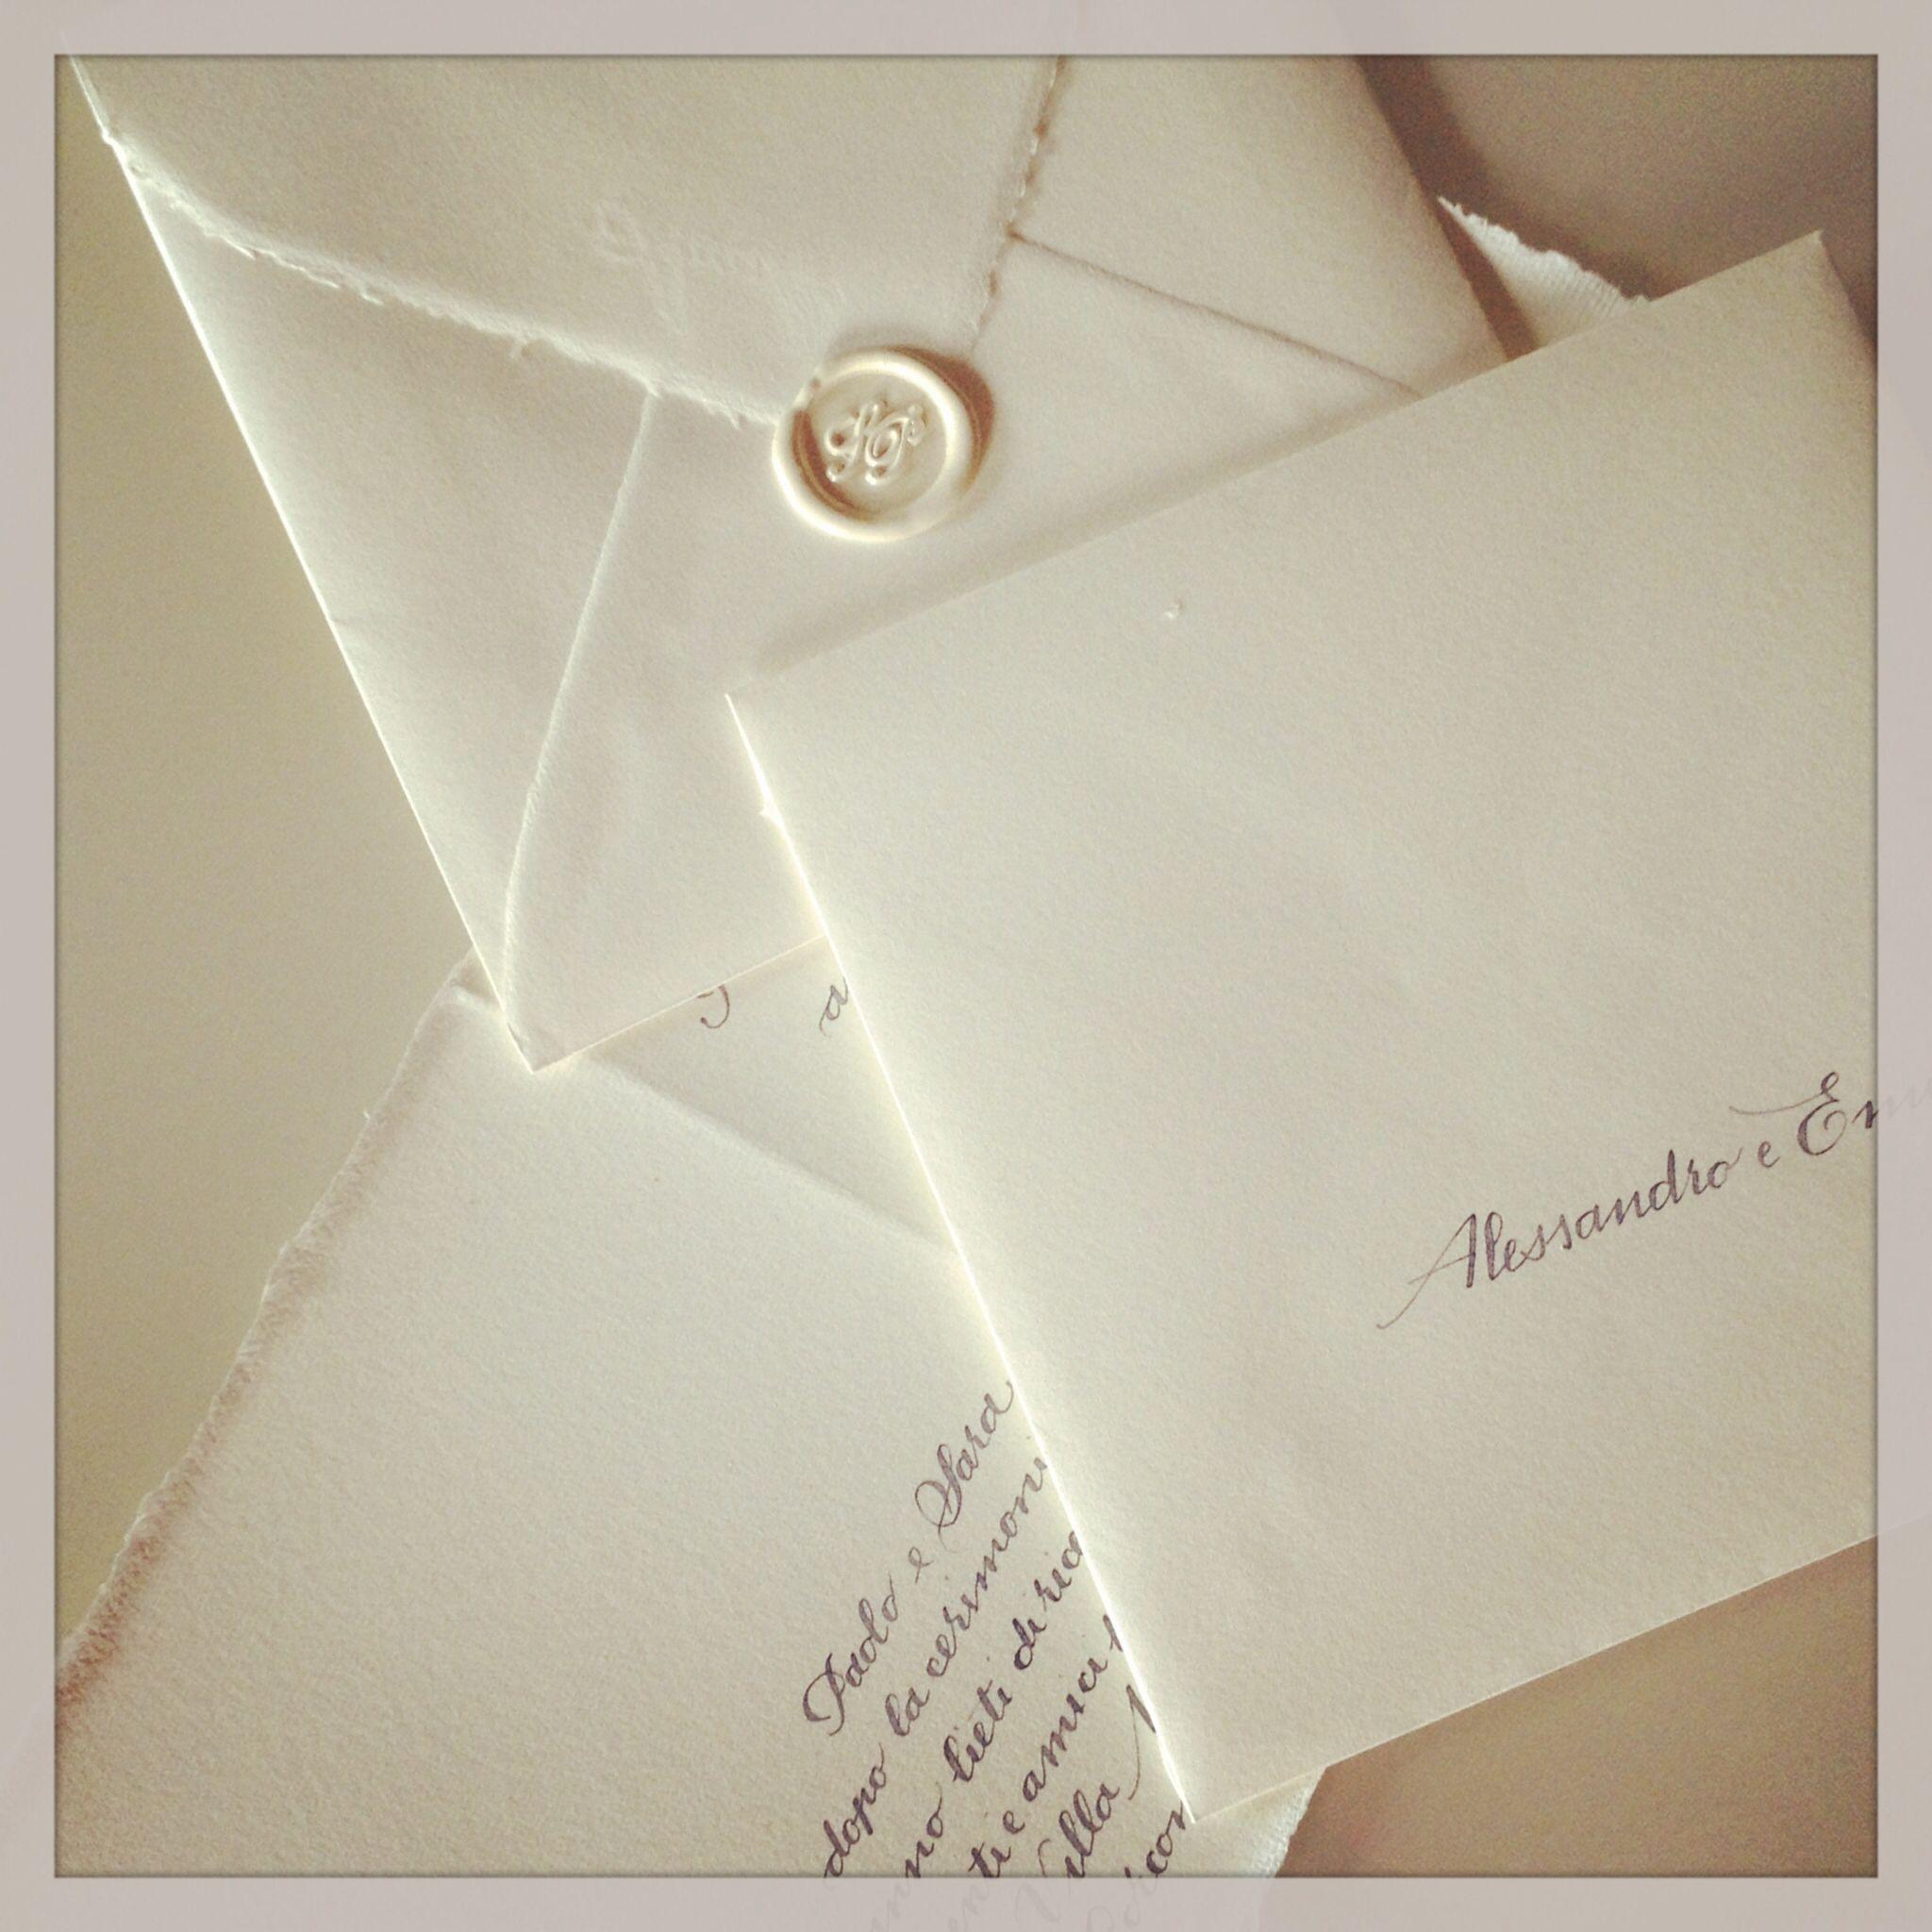 Carta Per Partecipazioni Matrimonio.Partecipazioni In Carta Amalfi Partecipazioni Nozze